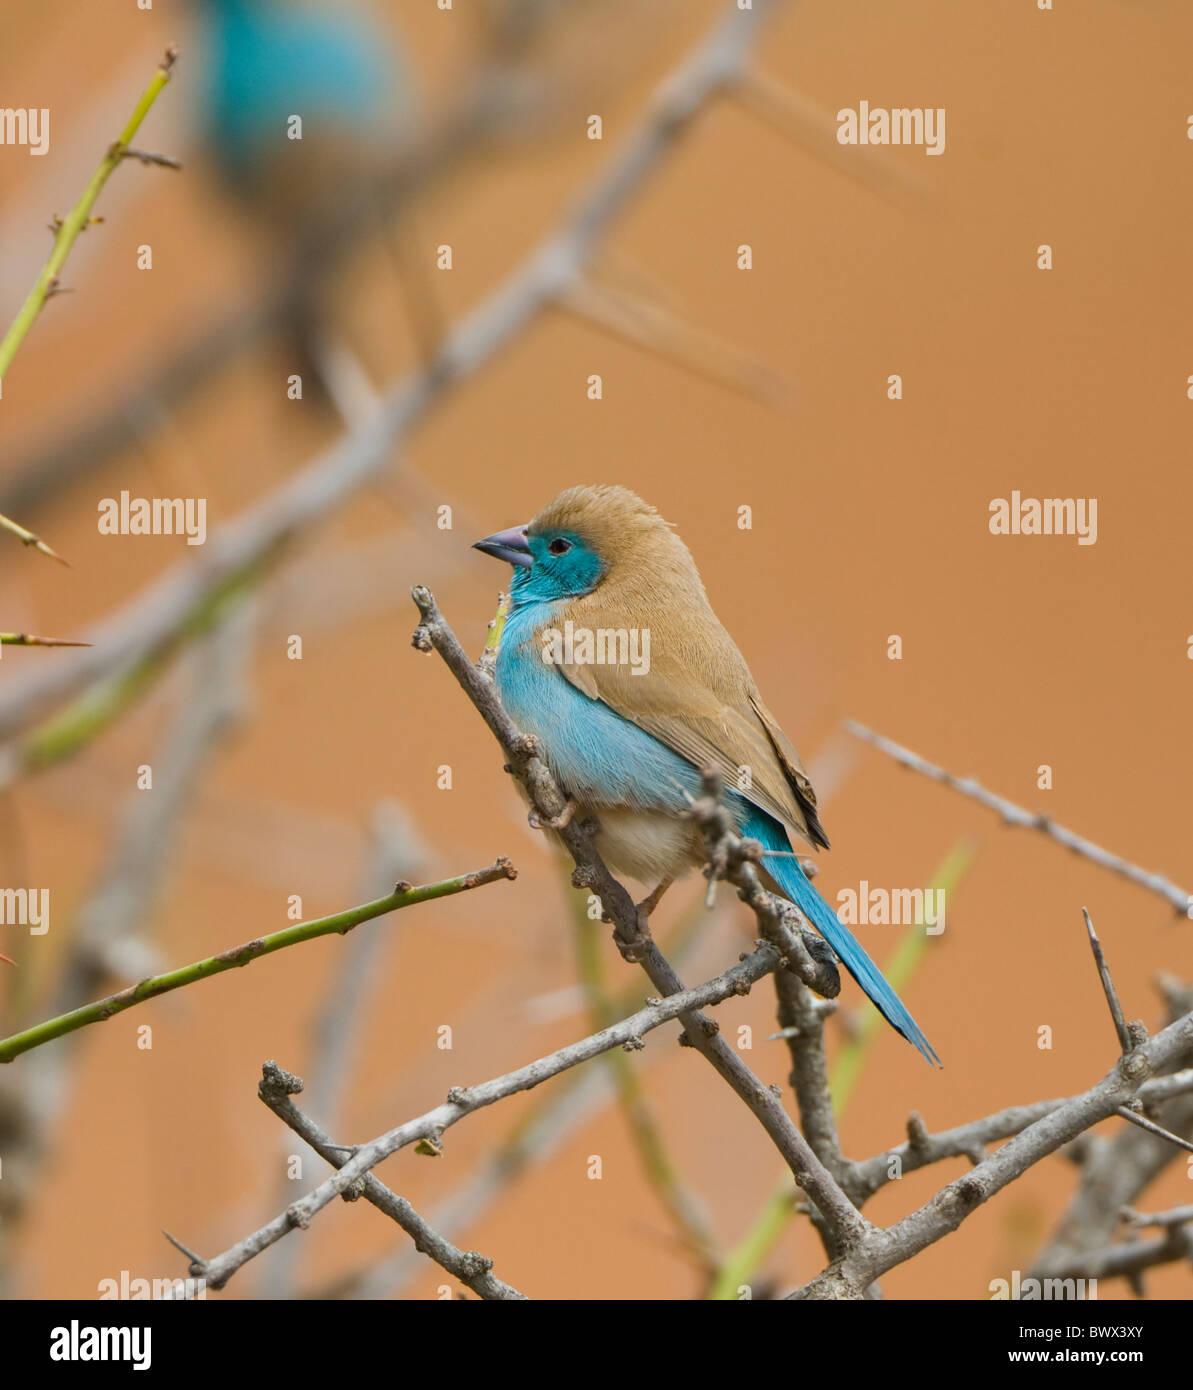 Azul Uraeginthus Waxbill angolensis Parque Nacional Kruger Sudáfrica Foto de stock